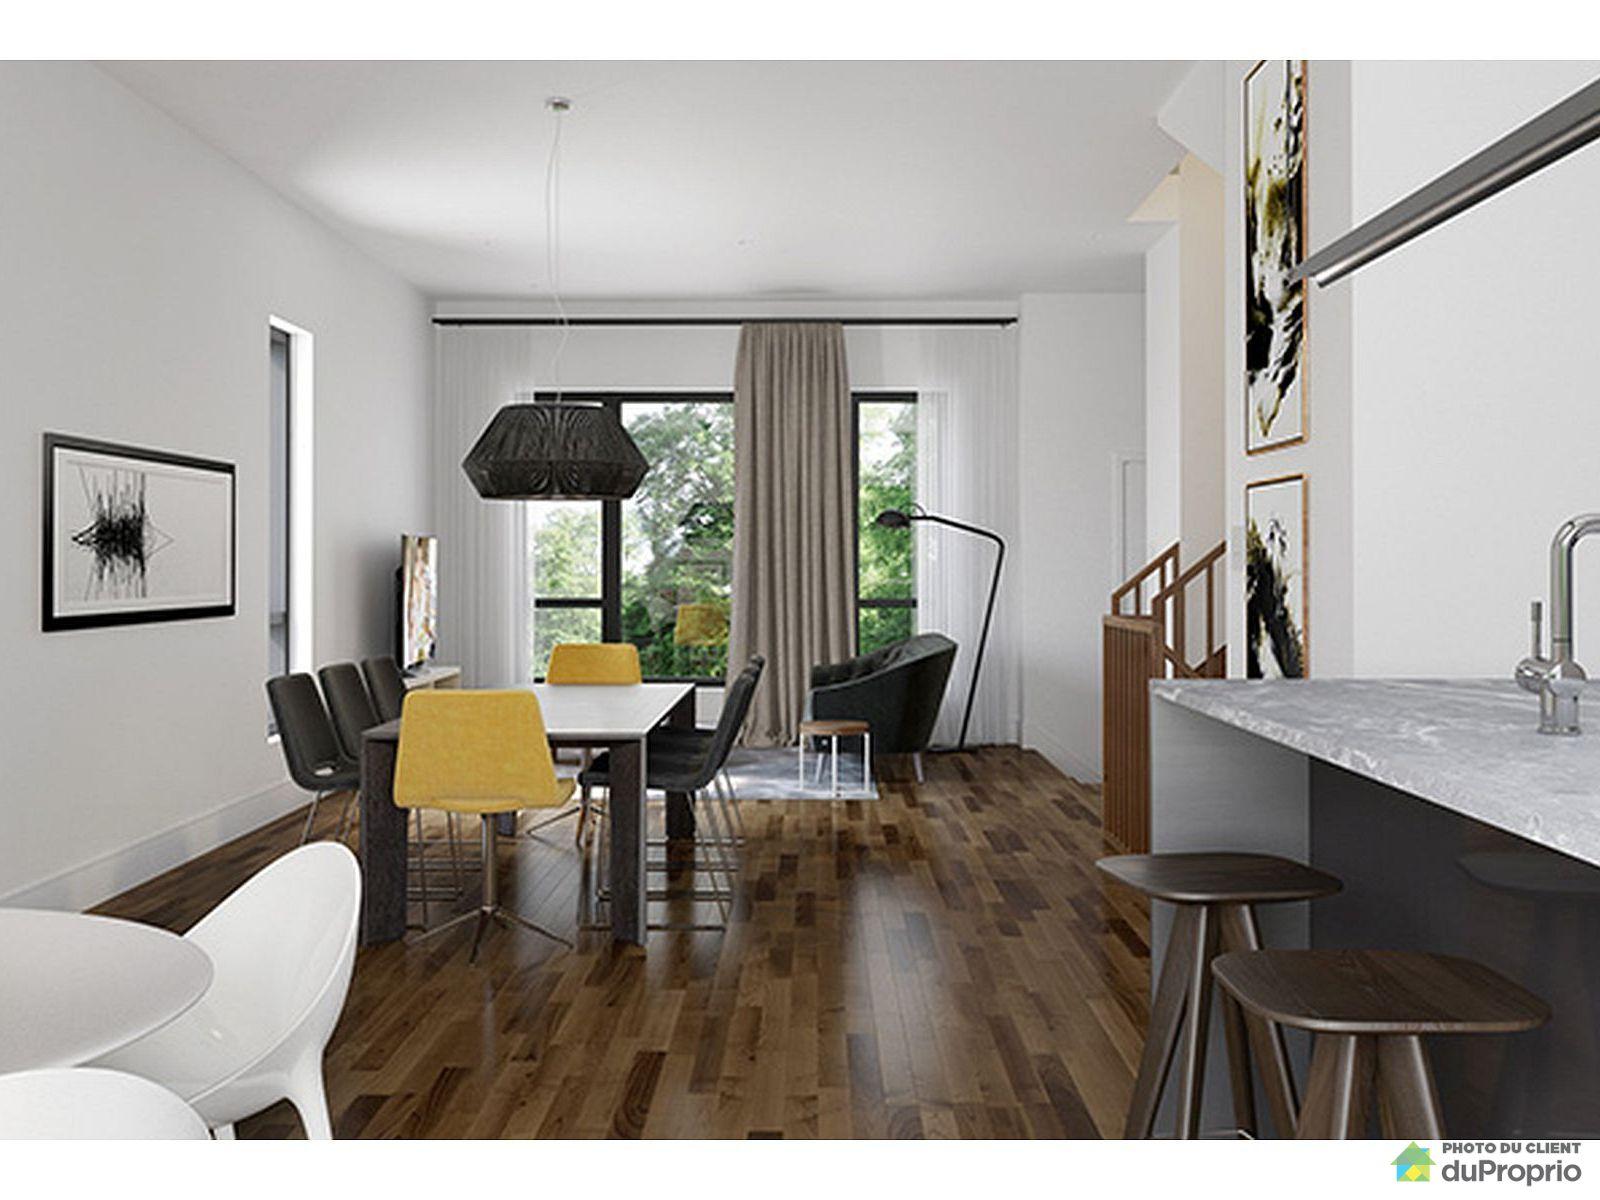 Dining Room - VIDA Lasalle -  Valencia - PAR MONDEV, LaSalle for sale